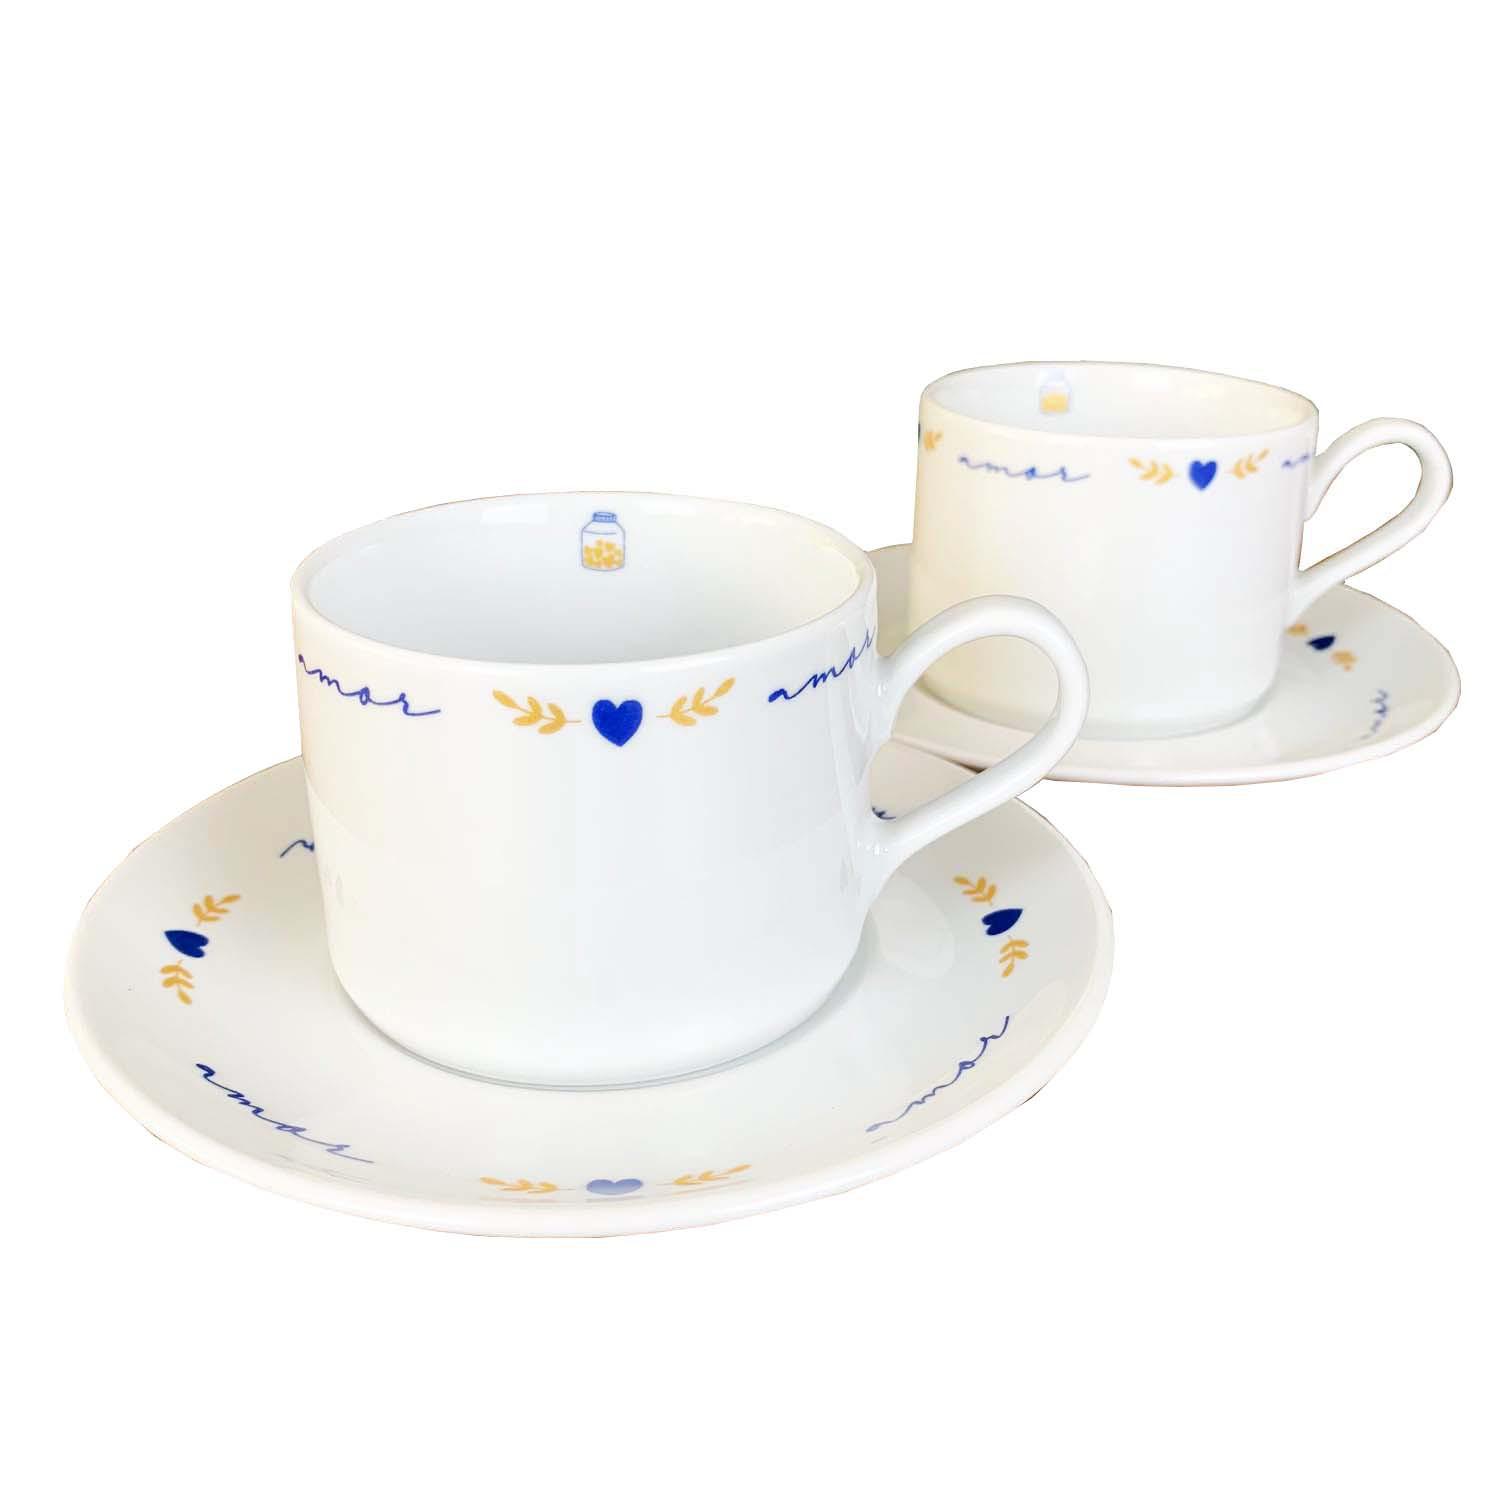 Jogo c/ 2 Xícaras de Chá Poções de Amor